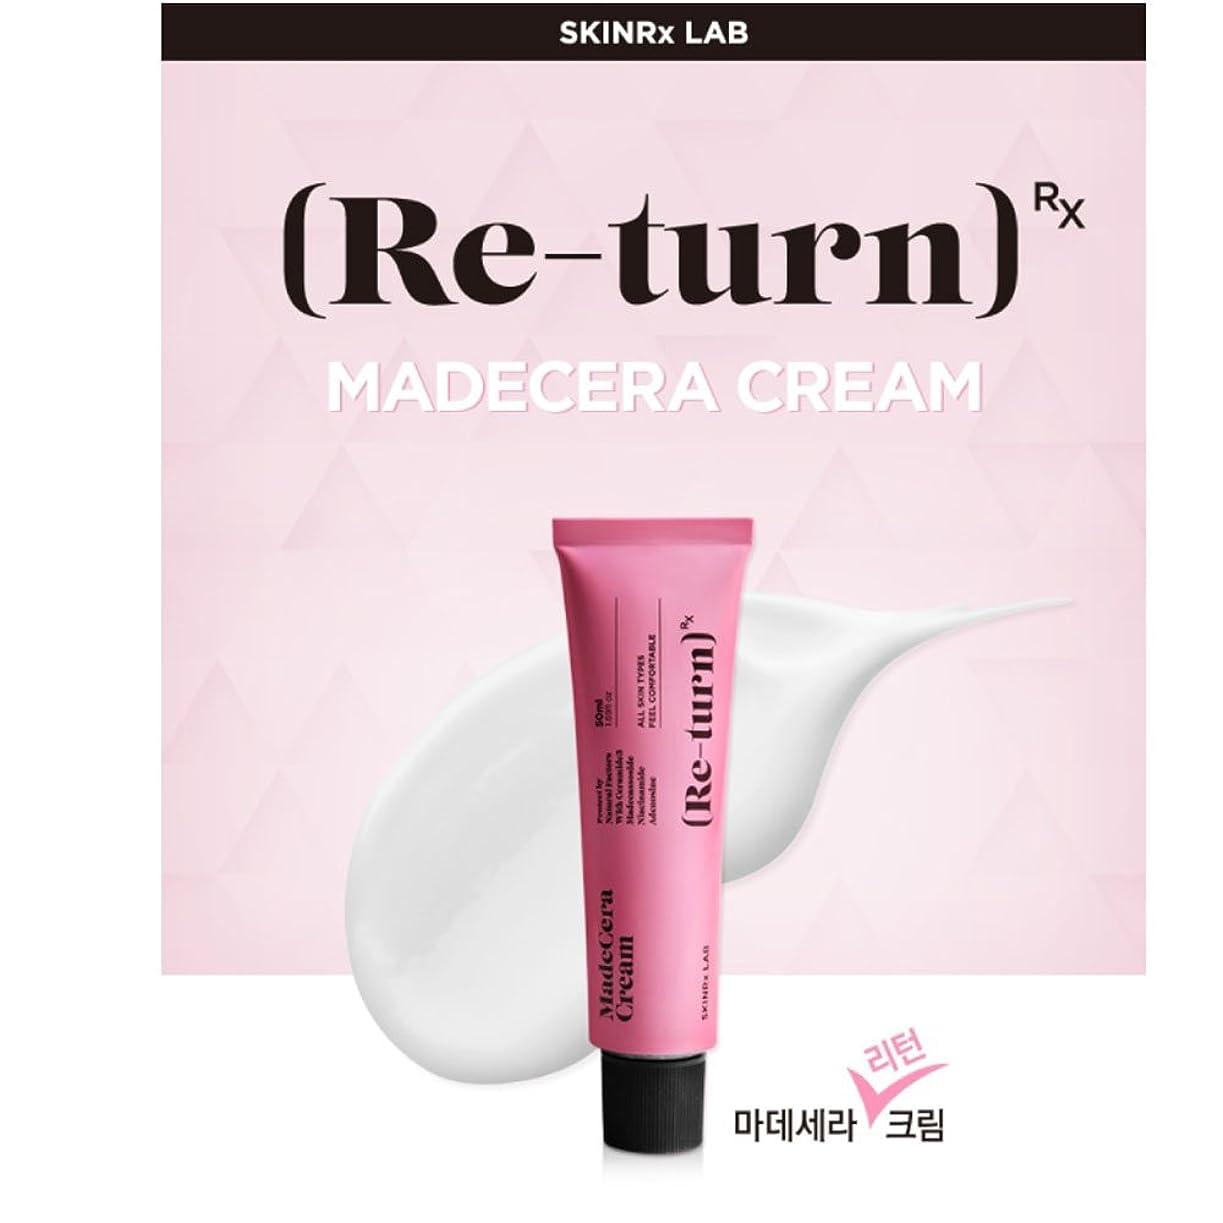 浸食故意に疲労スキンアルエクスラップ マデセラ リターン クリーム 50ml / SKINRxLAB MadeCera Re-turn Cream 50ml (1.69oz)